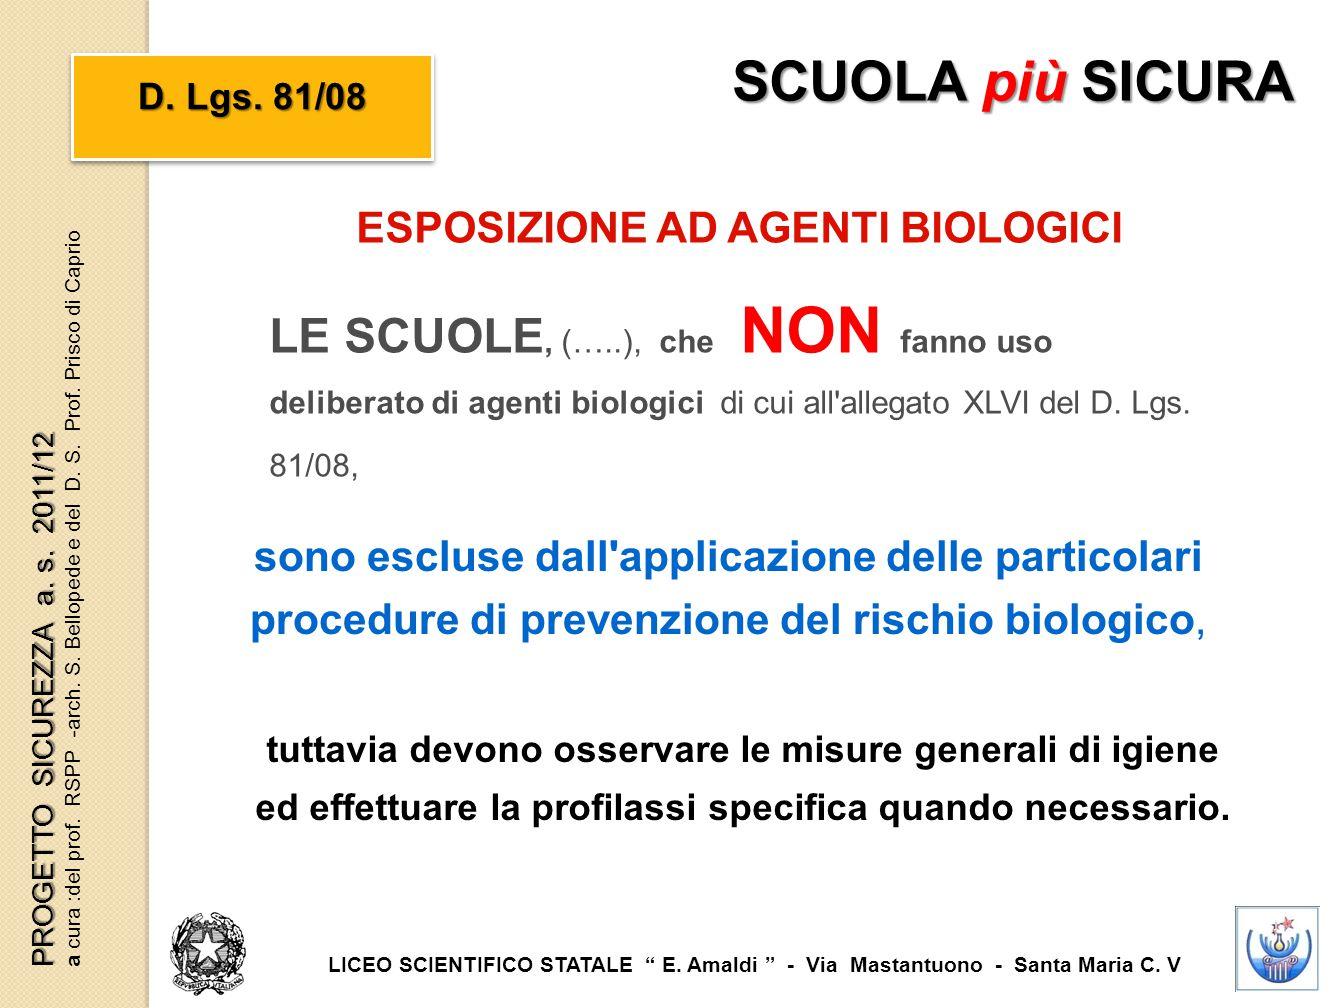 SCUOLA più SICURA D. Lgs. 81/08. ESPOSIZIONE AD AGENTI BIOLOGICI.